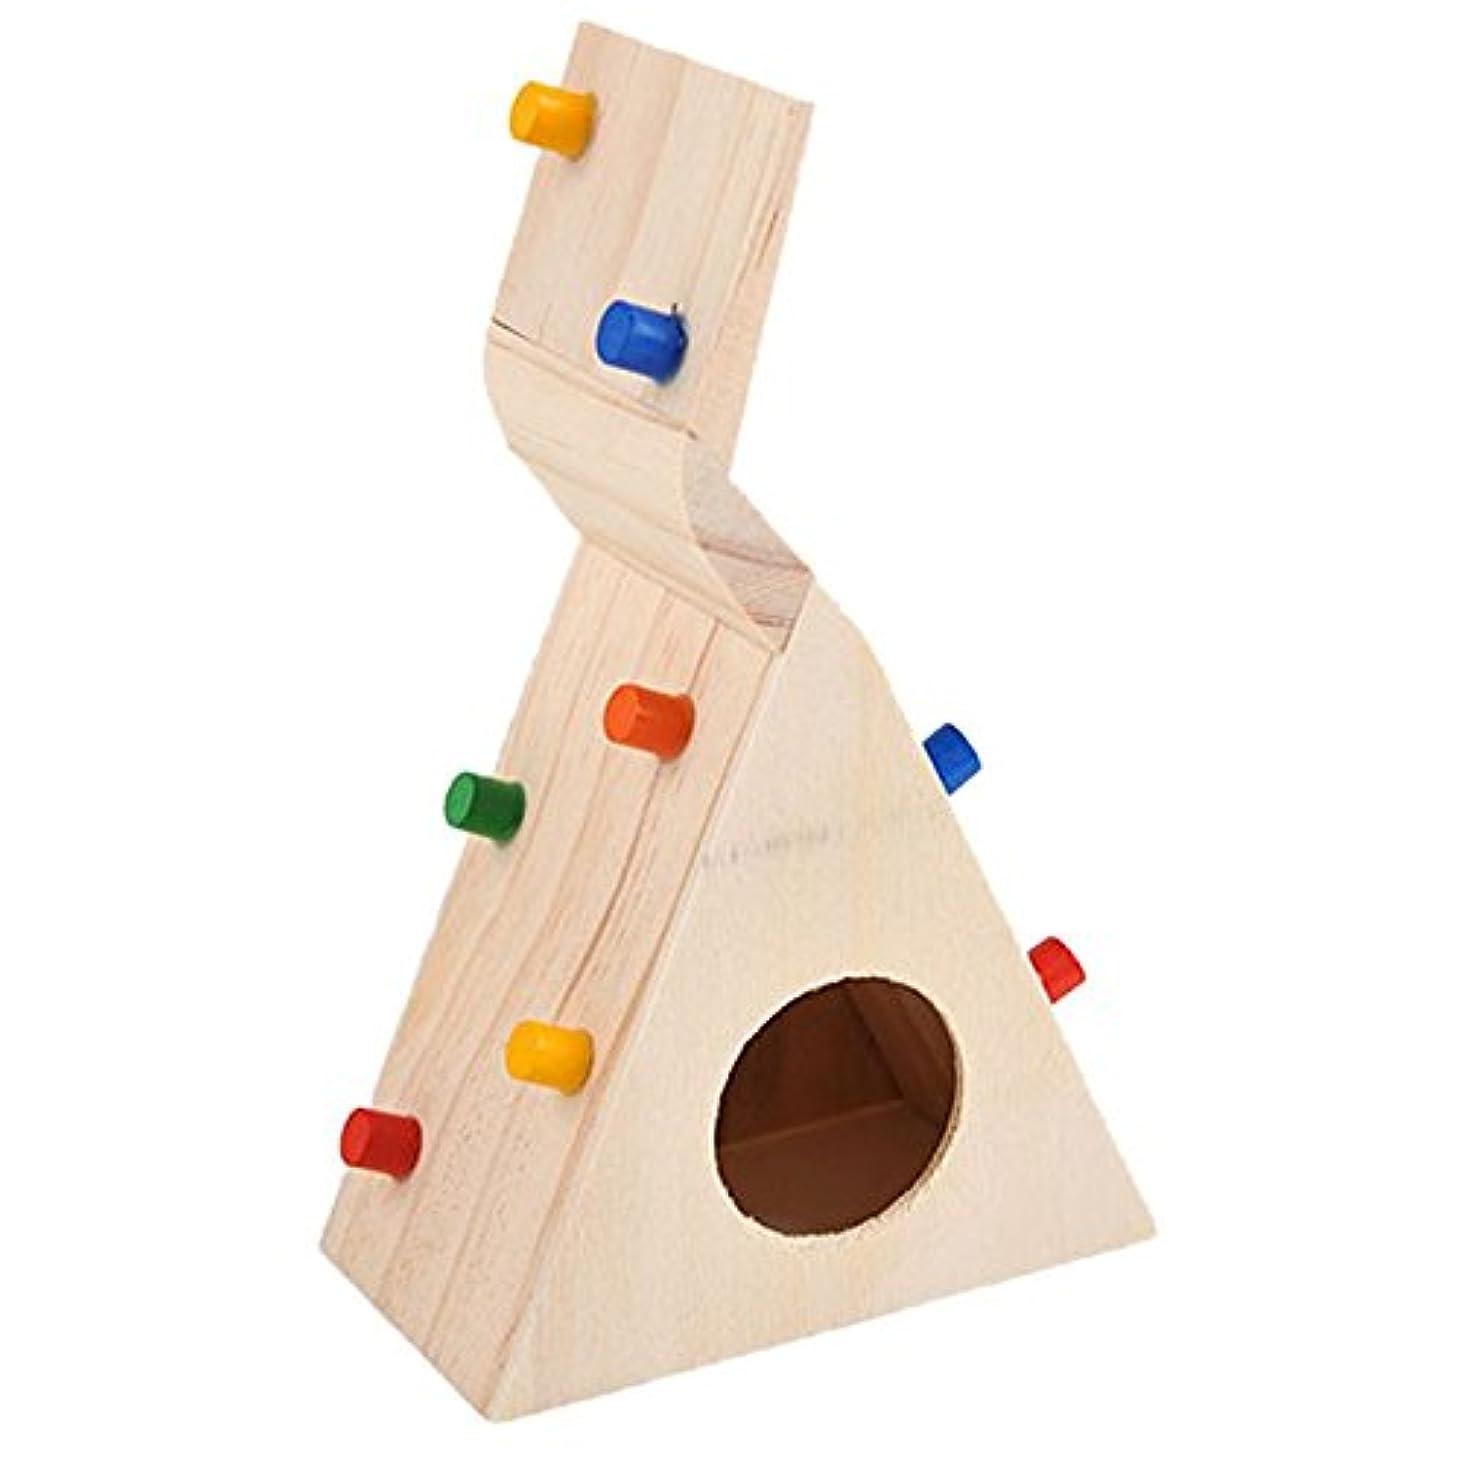 雷雨社会主義者記事RETYLY 小さなペット?ハムスター用のアクセサリー クライミング梯子 小さなラット、スナネズミ、ハムスター玩具 ペットのコスチューム店 ハムスターのおもちゃ